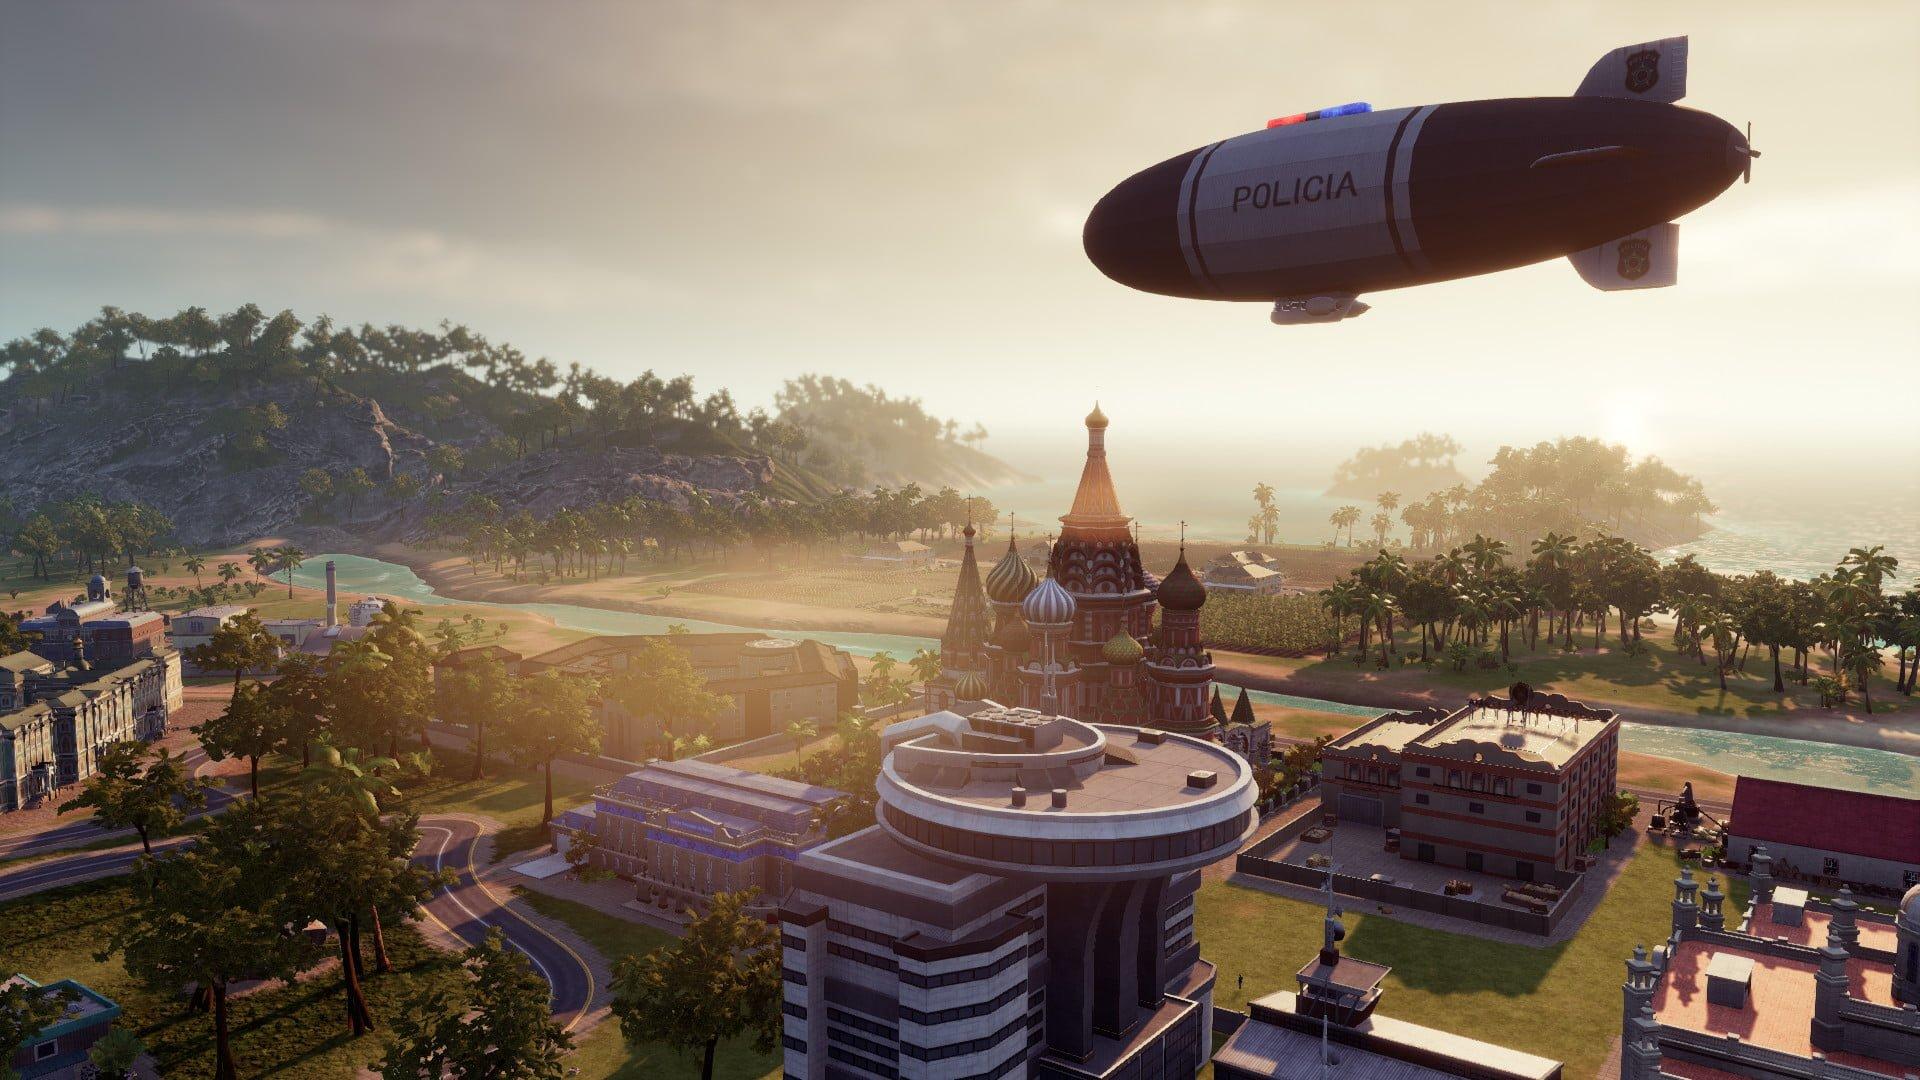 To już. Tropico 6 dostępne na Steamie. El Presidente nie przesadził z wyceną, choć zbyt hojny też nie był 17